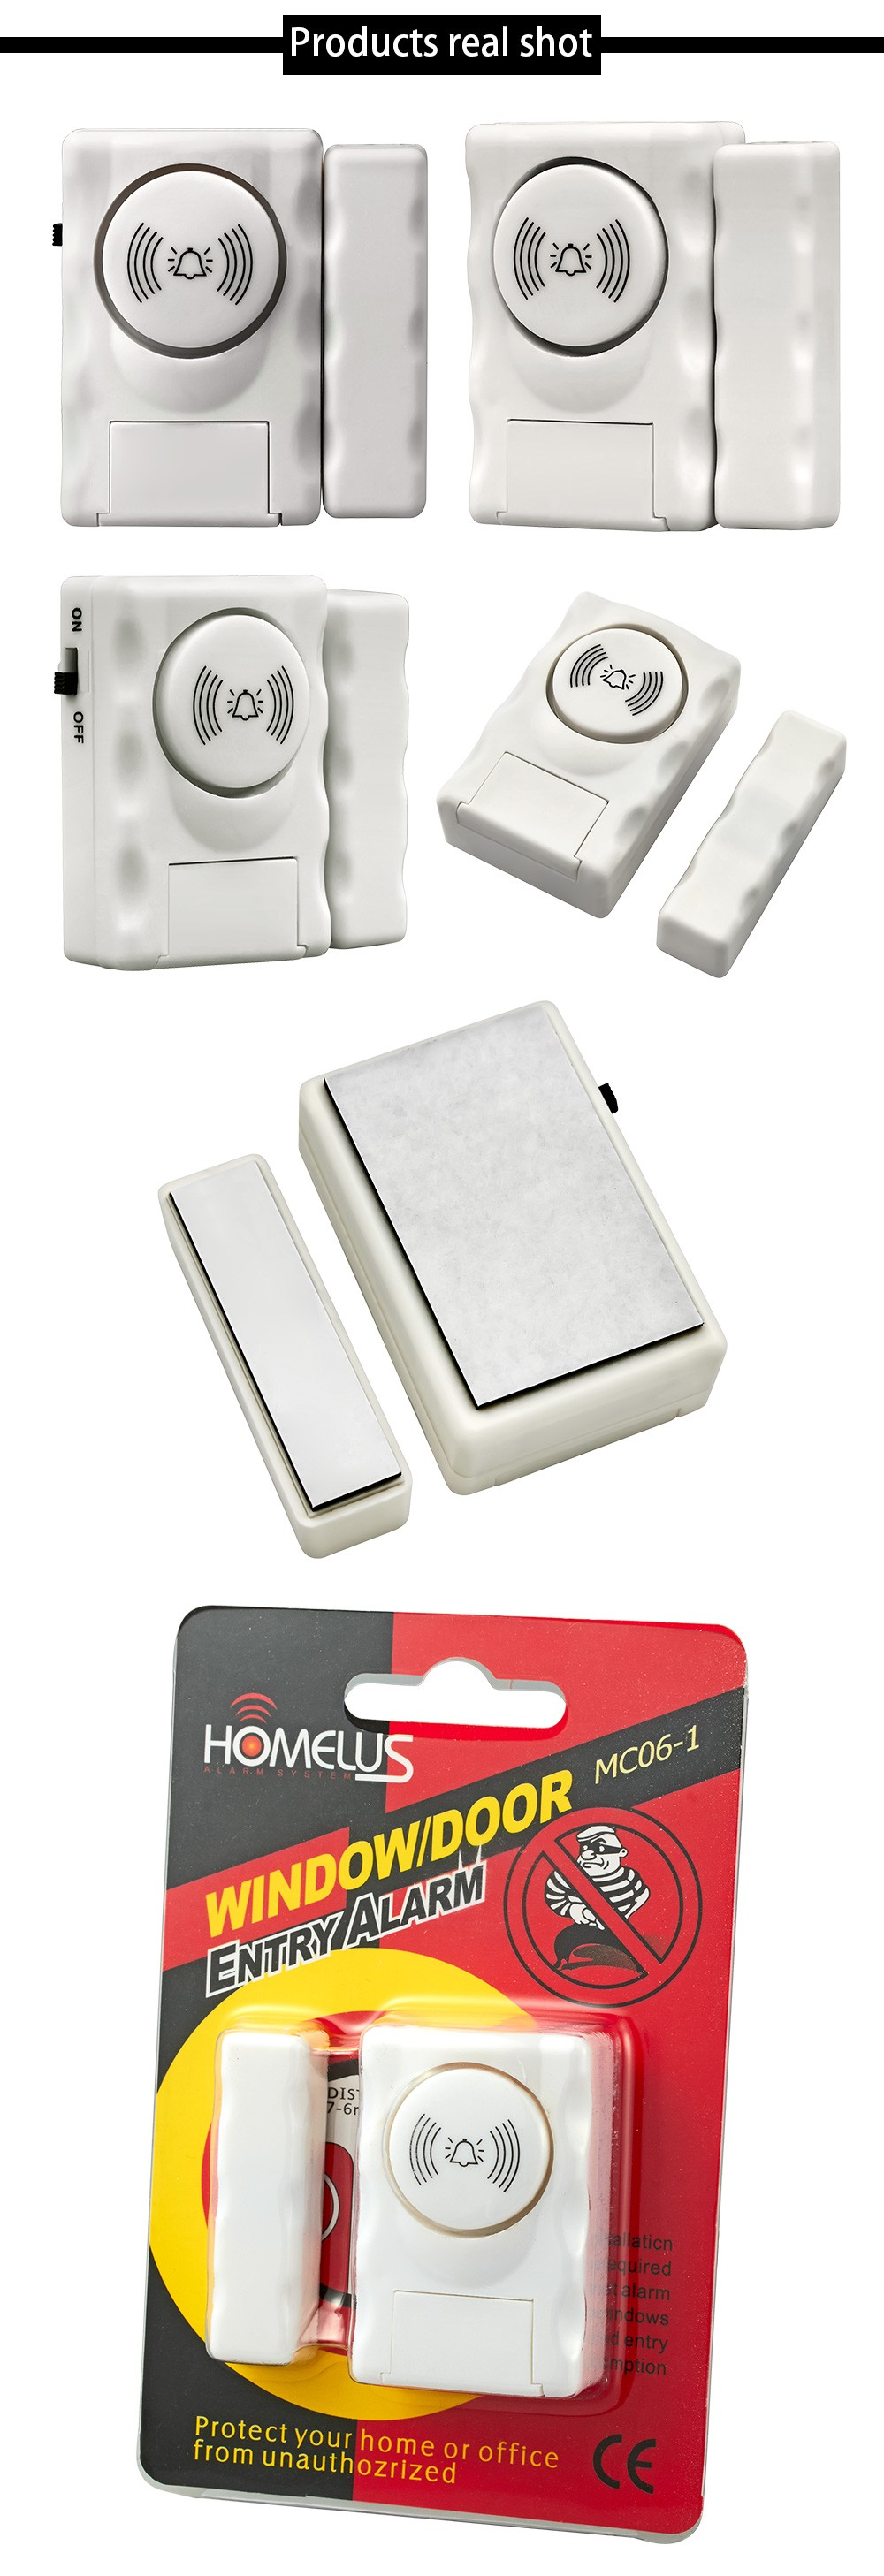 HTB1Hyq2OVXXXXXxXXXXq6xXFXXXN - Fuers Wireless Home Security Door Window Entry Alarm Warning System 105db Built-in Siren Magnetic Sensor